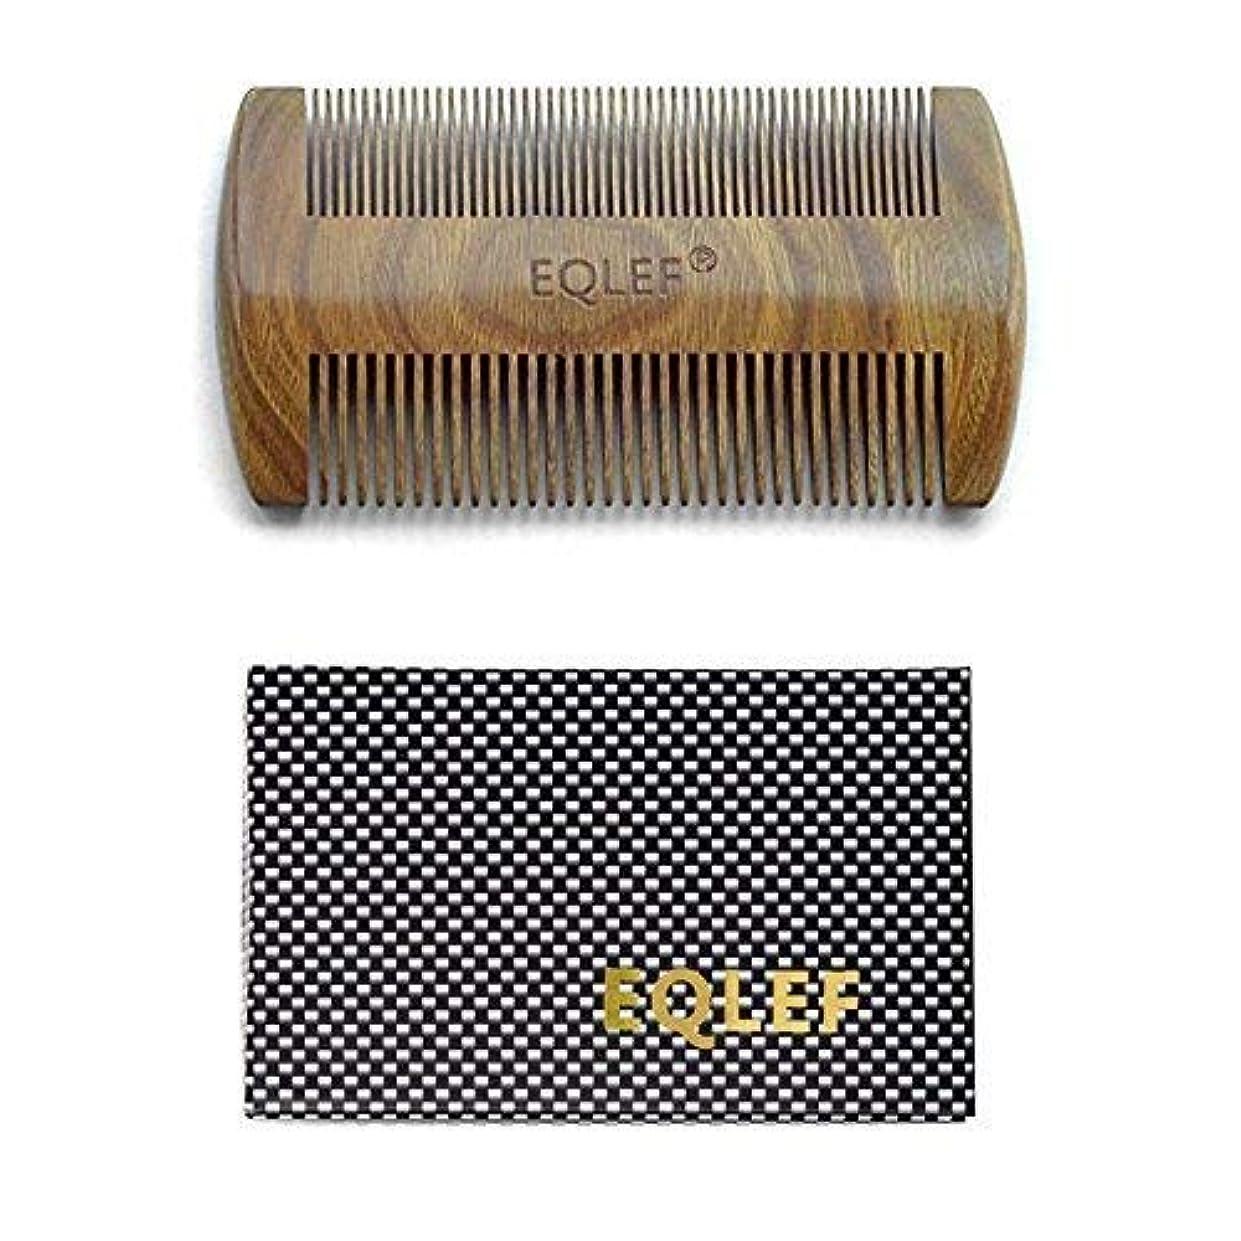 再開ルーチン人種EQLEF? Green sandalwood no static handmade comb,Pocket comb (beard) [並行輸入品]